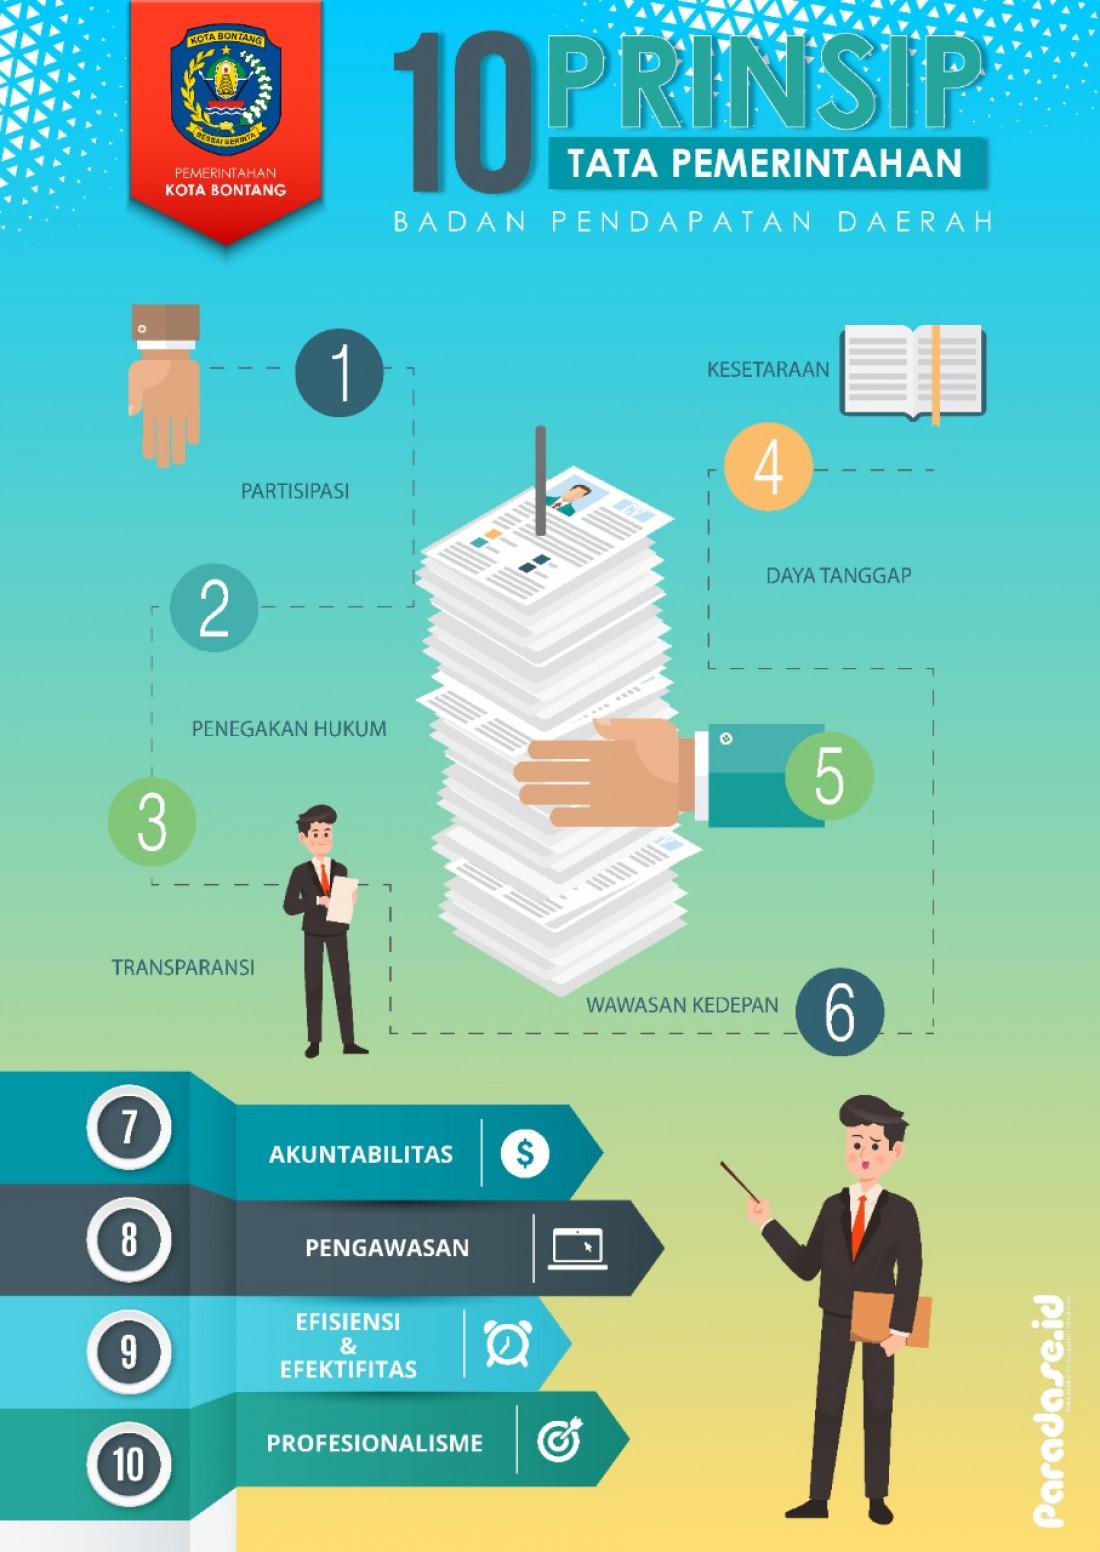 10 Prinsip Tata Pemerintahan